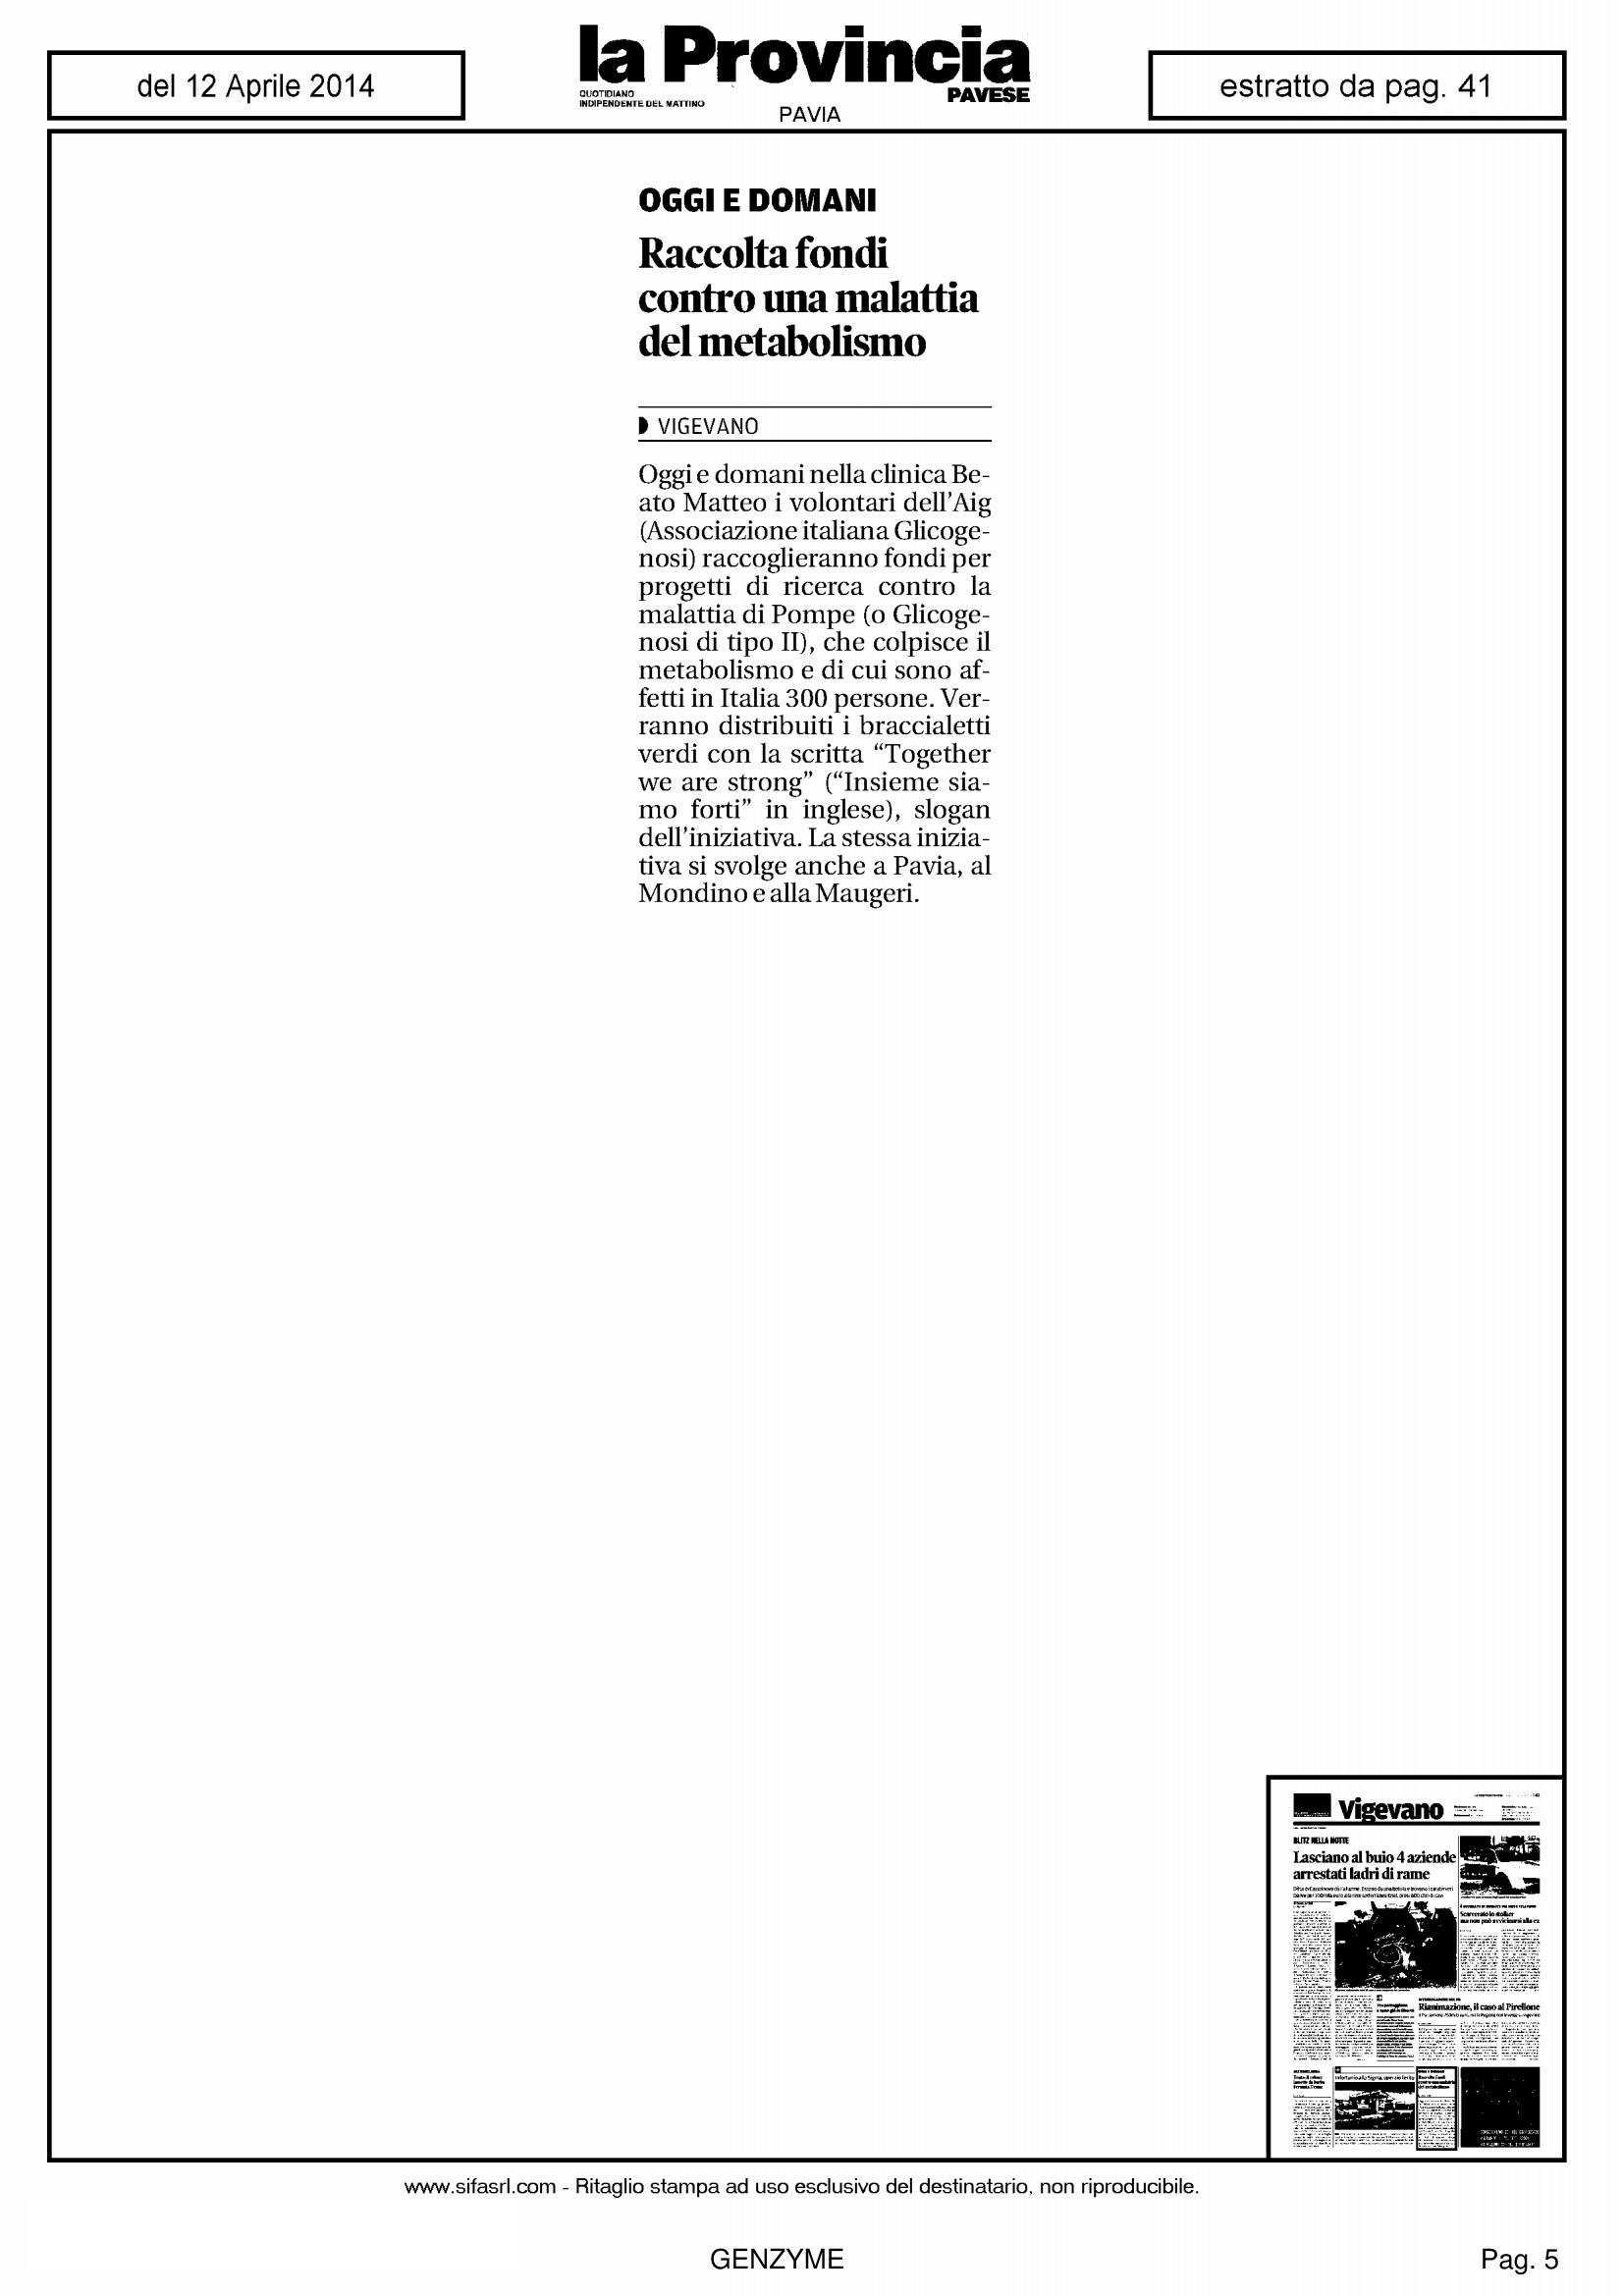 Stampa_20140416 Banchetti AIG nelle piazze italiane_Page_7